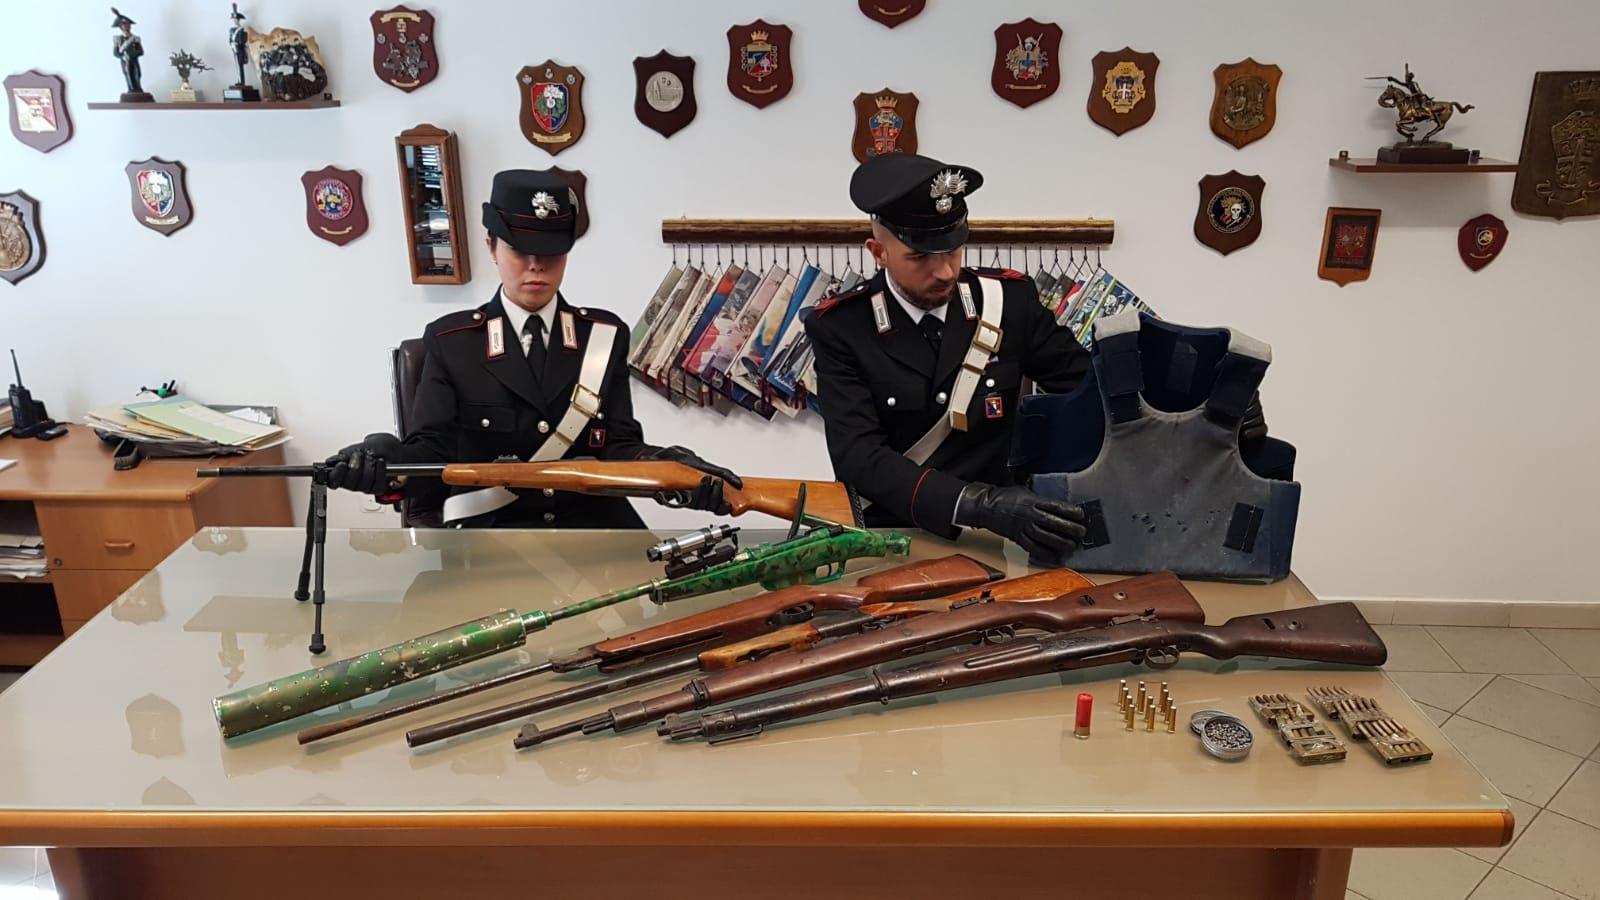 LEINI-FRONT CANAVESE - Fucili con puntatore laser, giubbotti antiproiettili e munizioni: due arresti